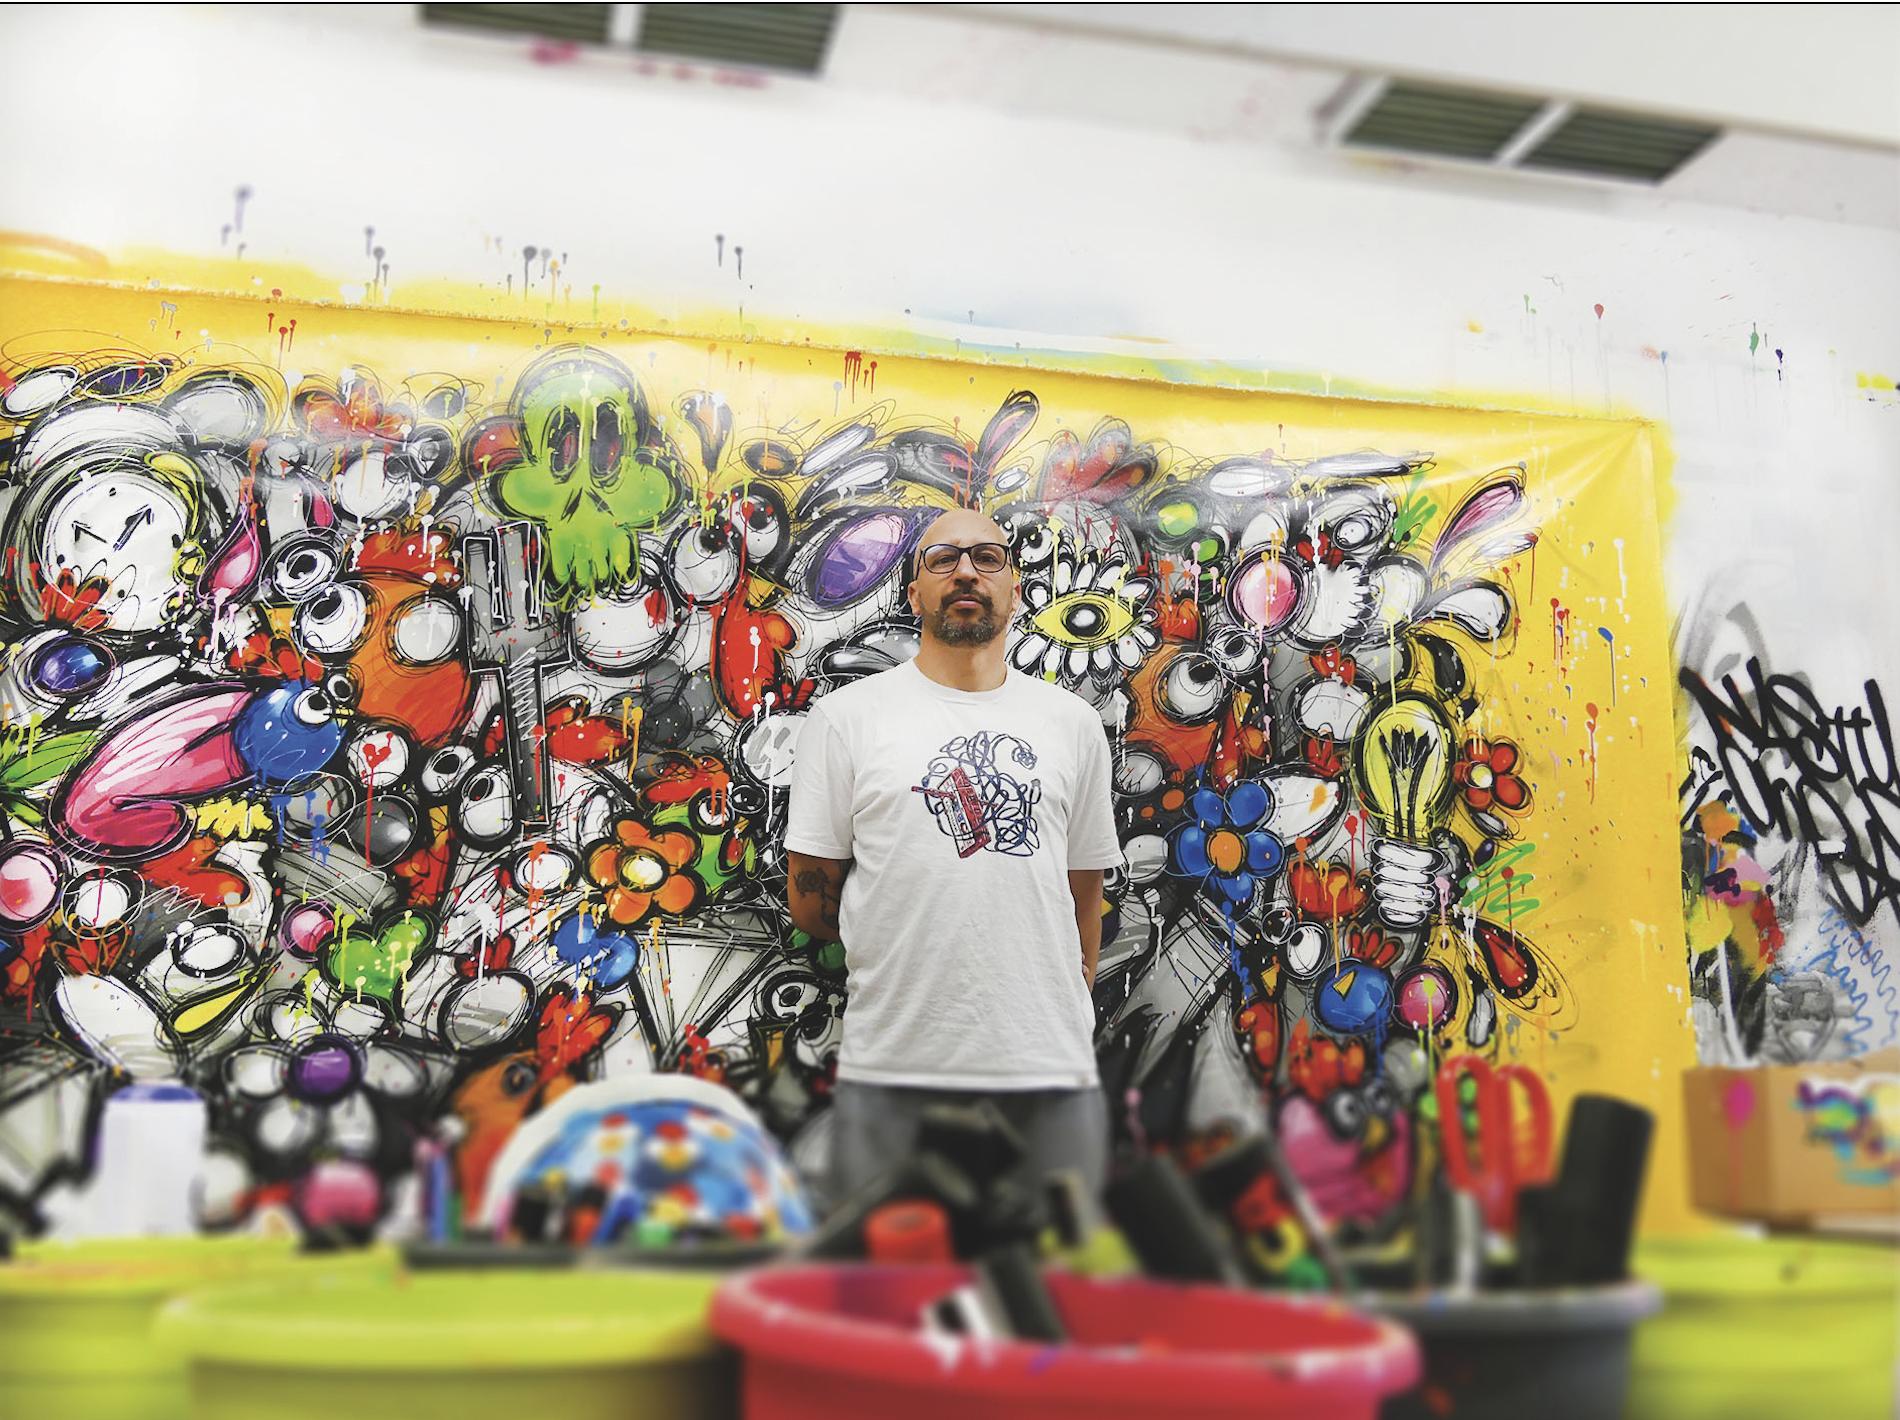 Un regard plein de malice, un crâne lisse et ses grosses lunettes, Ceet alias Fouad le street artiste toulousain est un peintre graffeur. Crédit : Guillaume Pannetier